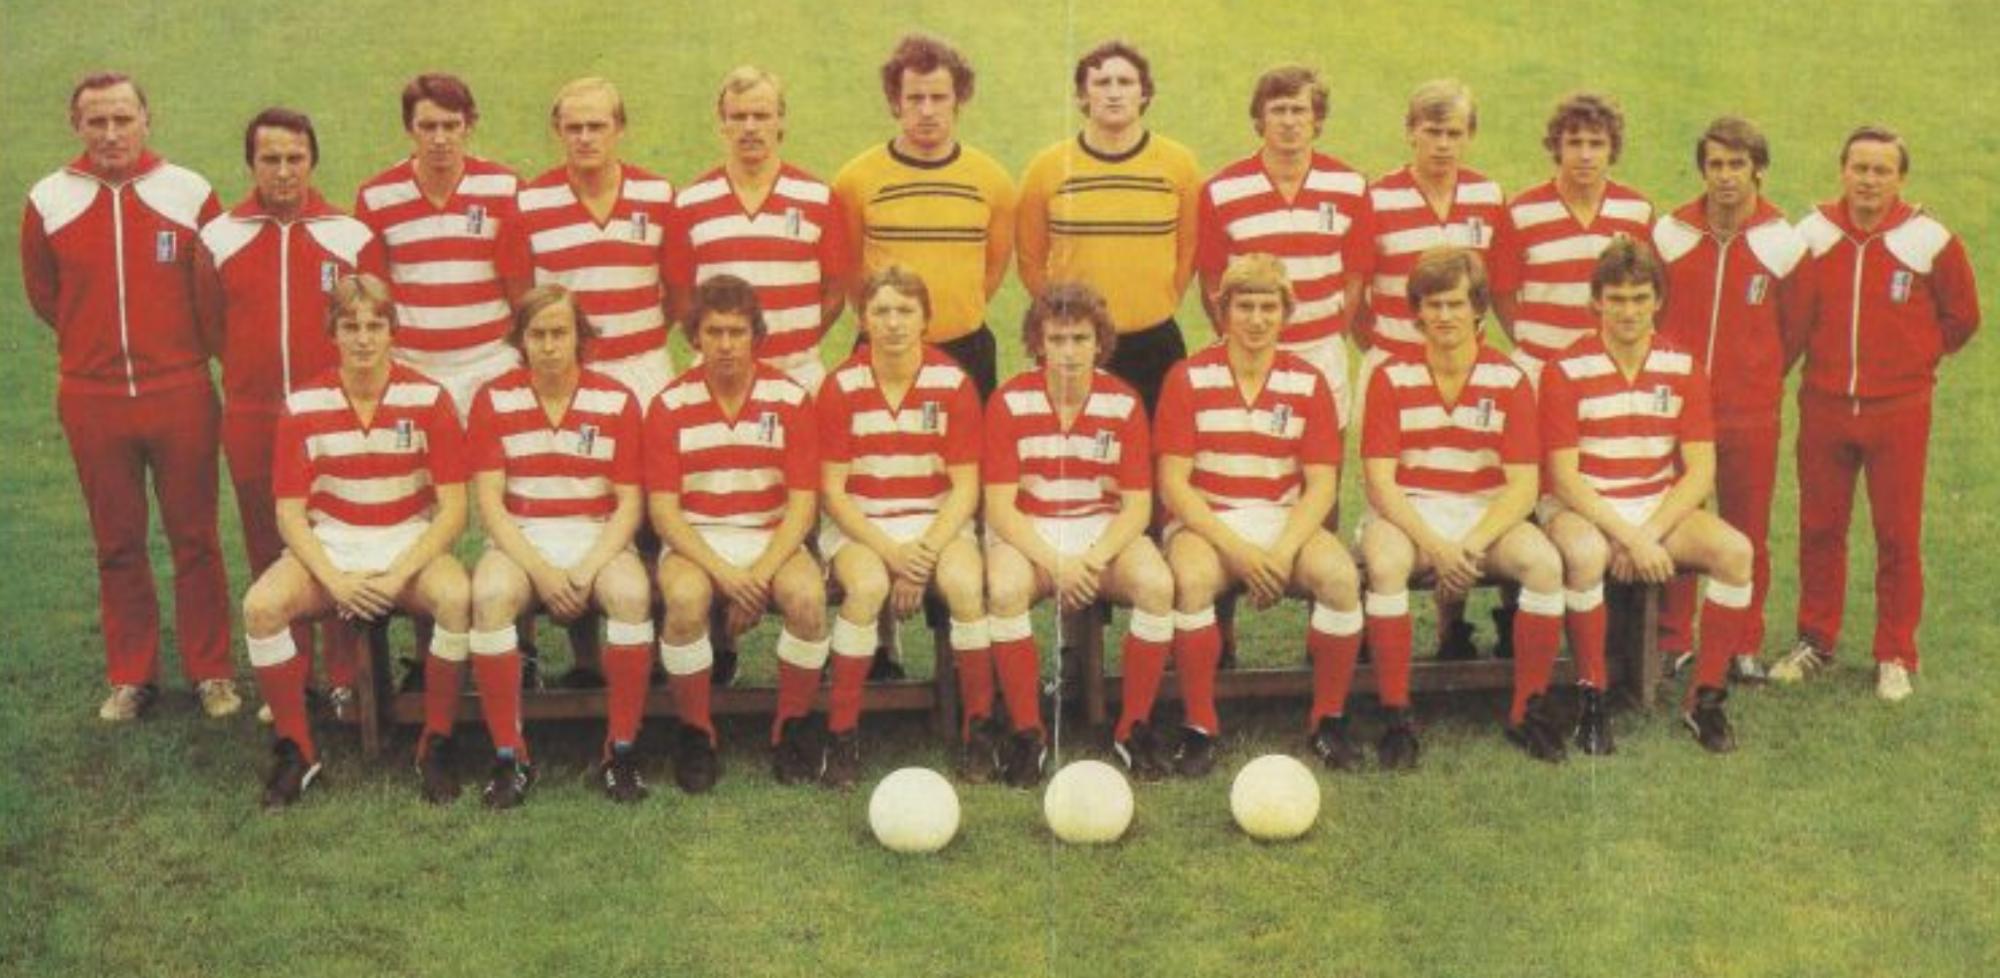 RWE-Mannschaftsfoto-1980-81_gross.png